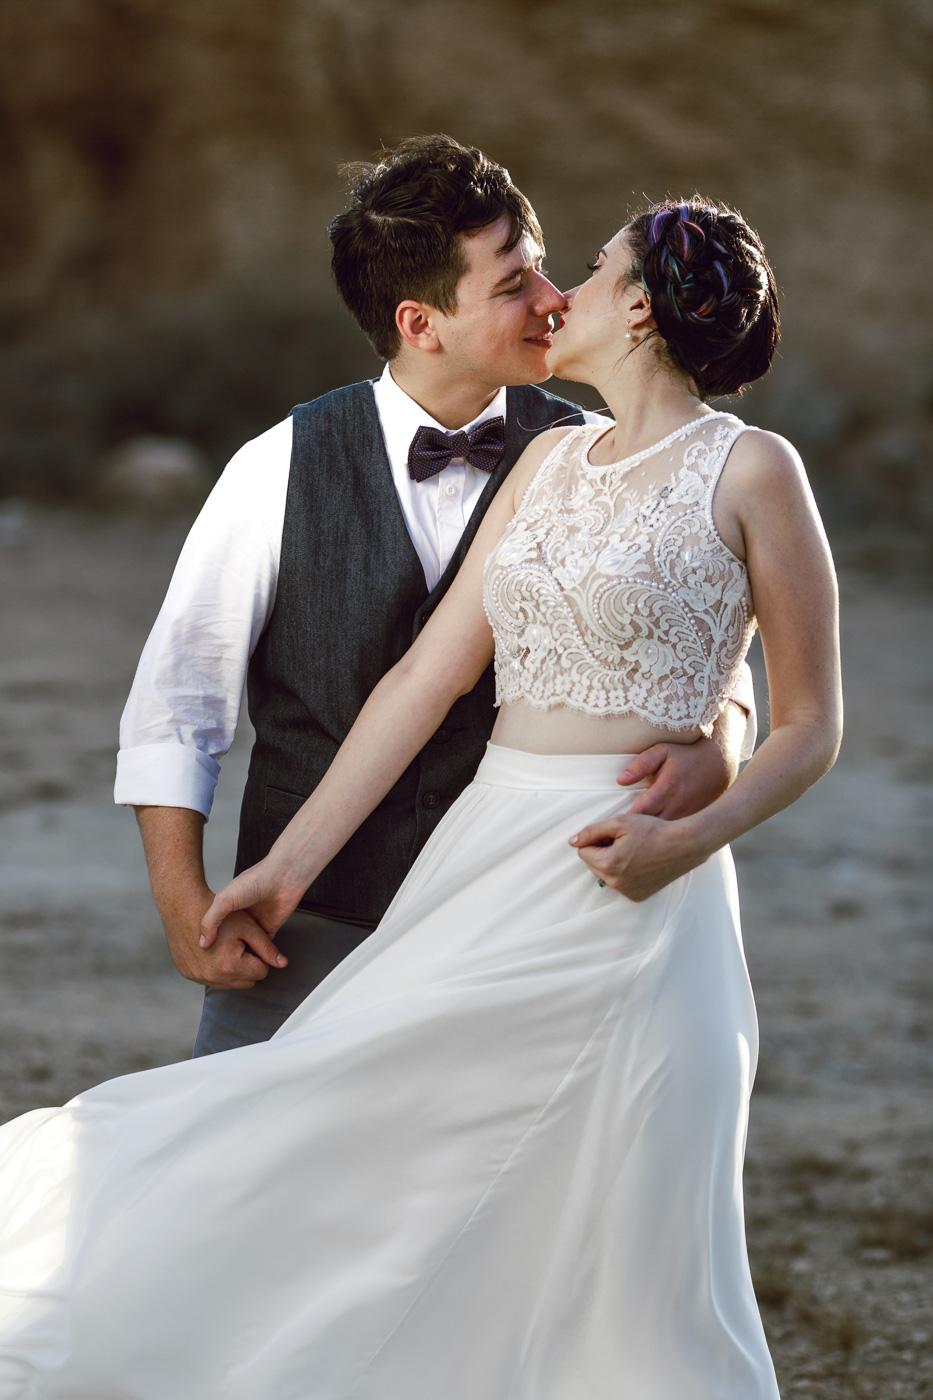 Leore & Yiftach wedding_0214.jpg